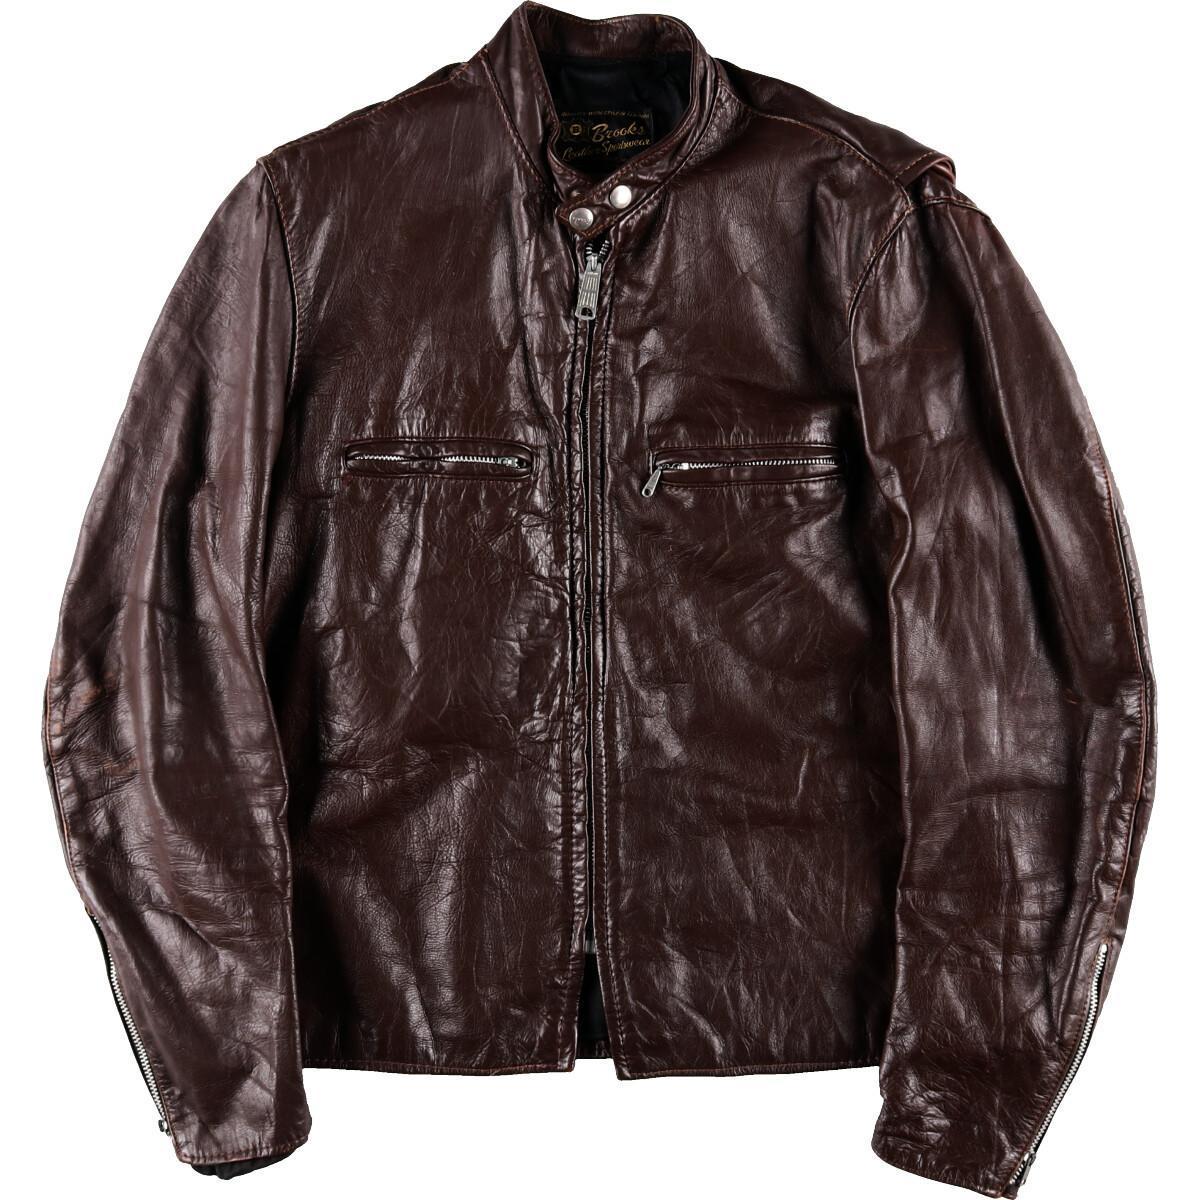 60年代 ブルックス Brooks シングルライダースジャケット 44 メンズM ヴィンテージ /eaa005313 【中古】 【200222】【VTG】